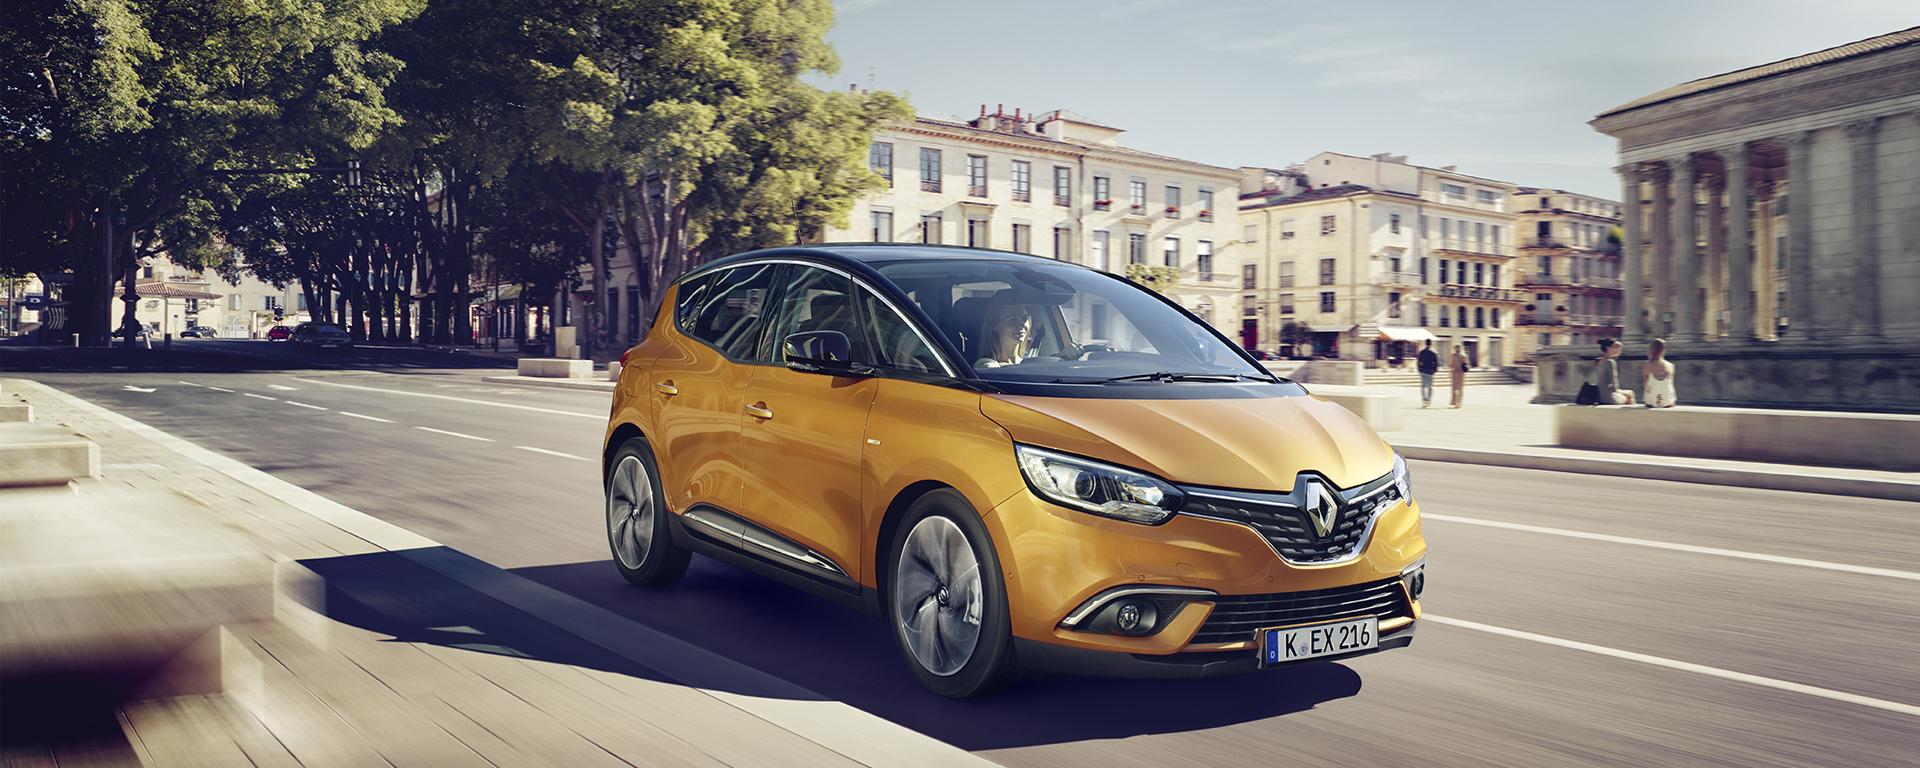 Bis zu 25% Rabatt auf Renault Scenic Vorführwagen